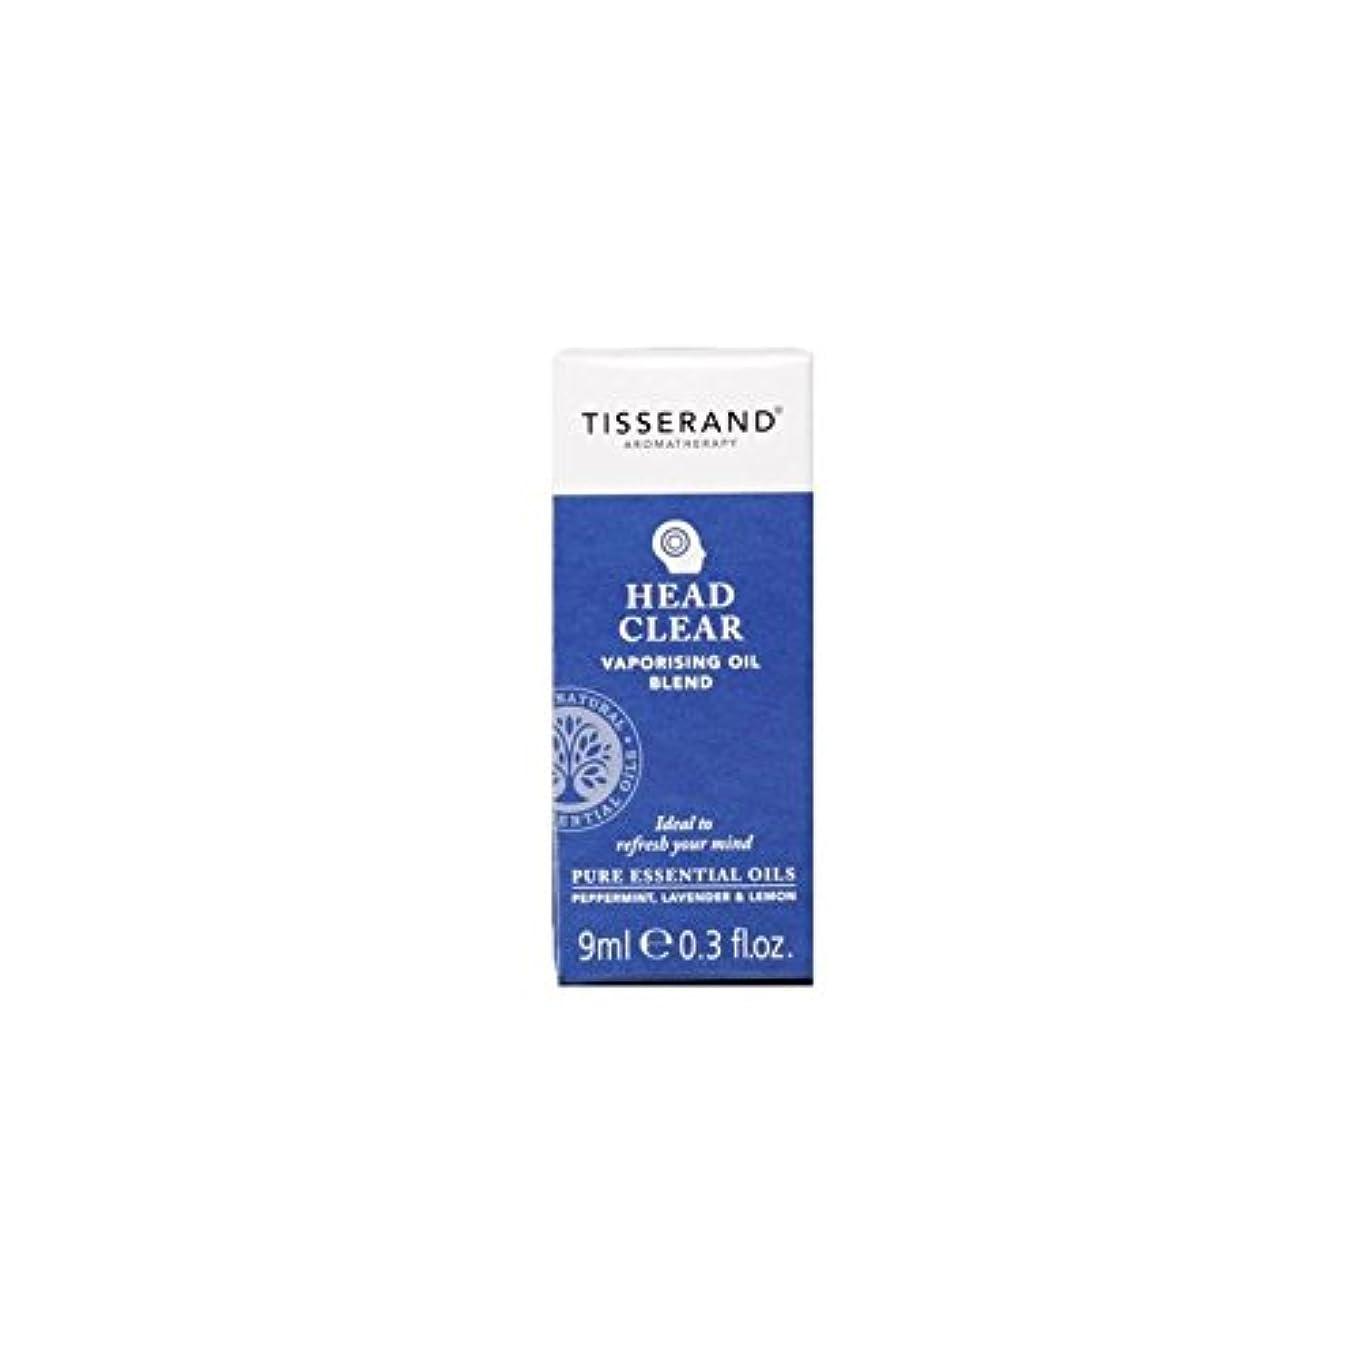 バング目的政府ヘッド明確な気化油の9ミリリットル (Tisserand) (x 4) - Tisserand Head Clear Vaporising Oil 9ml (Pack of 4) [並行輸入品]